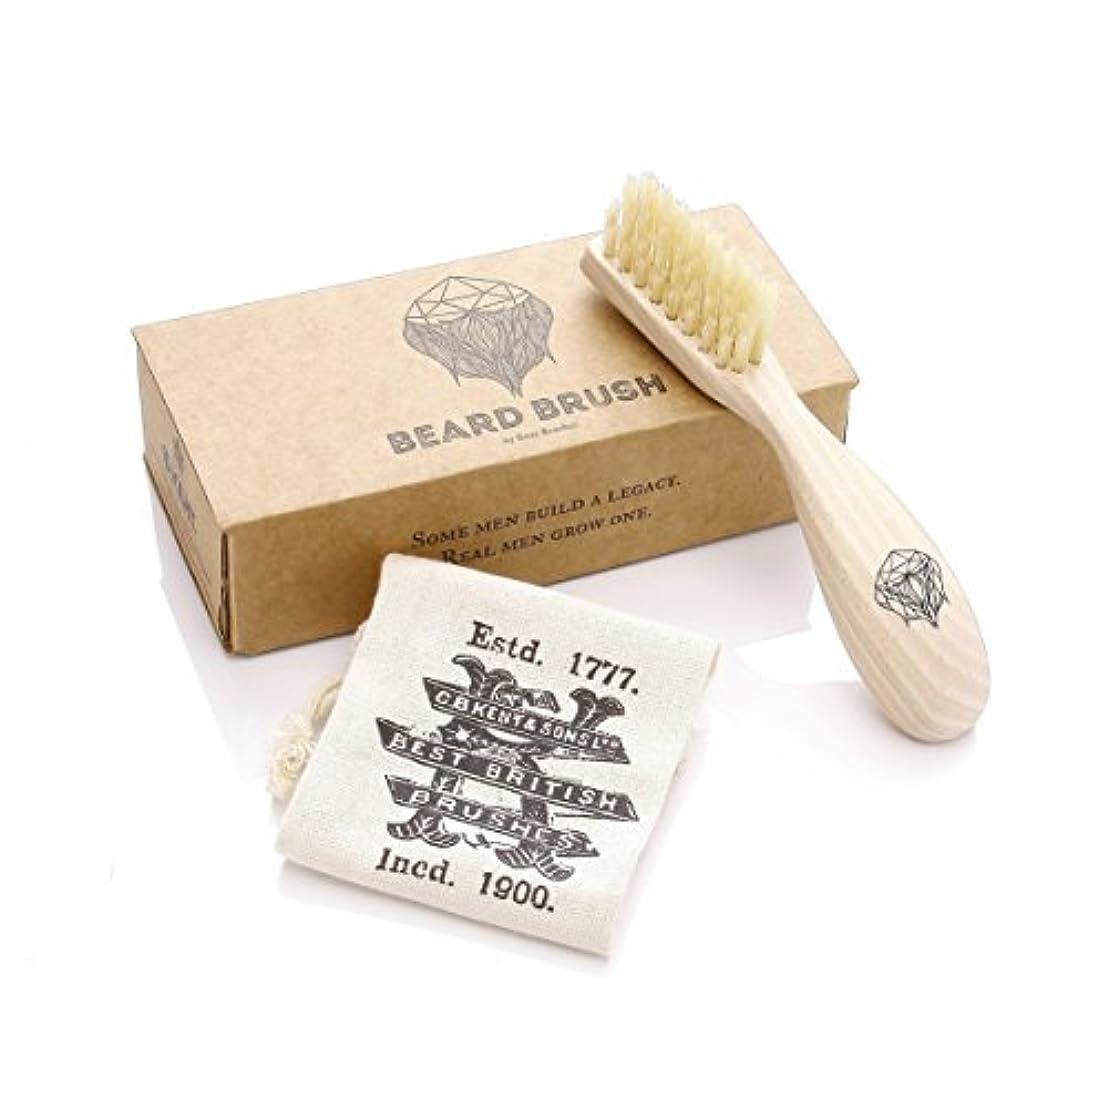 王朝非アクティブ伝統GB KENT メンズ Beard Brush (ビアードブラシ) ひげ用 ブラシ BRD2